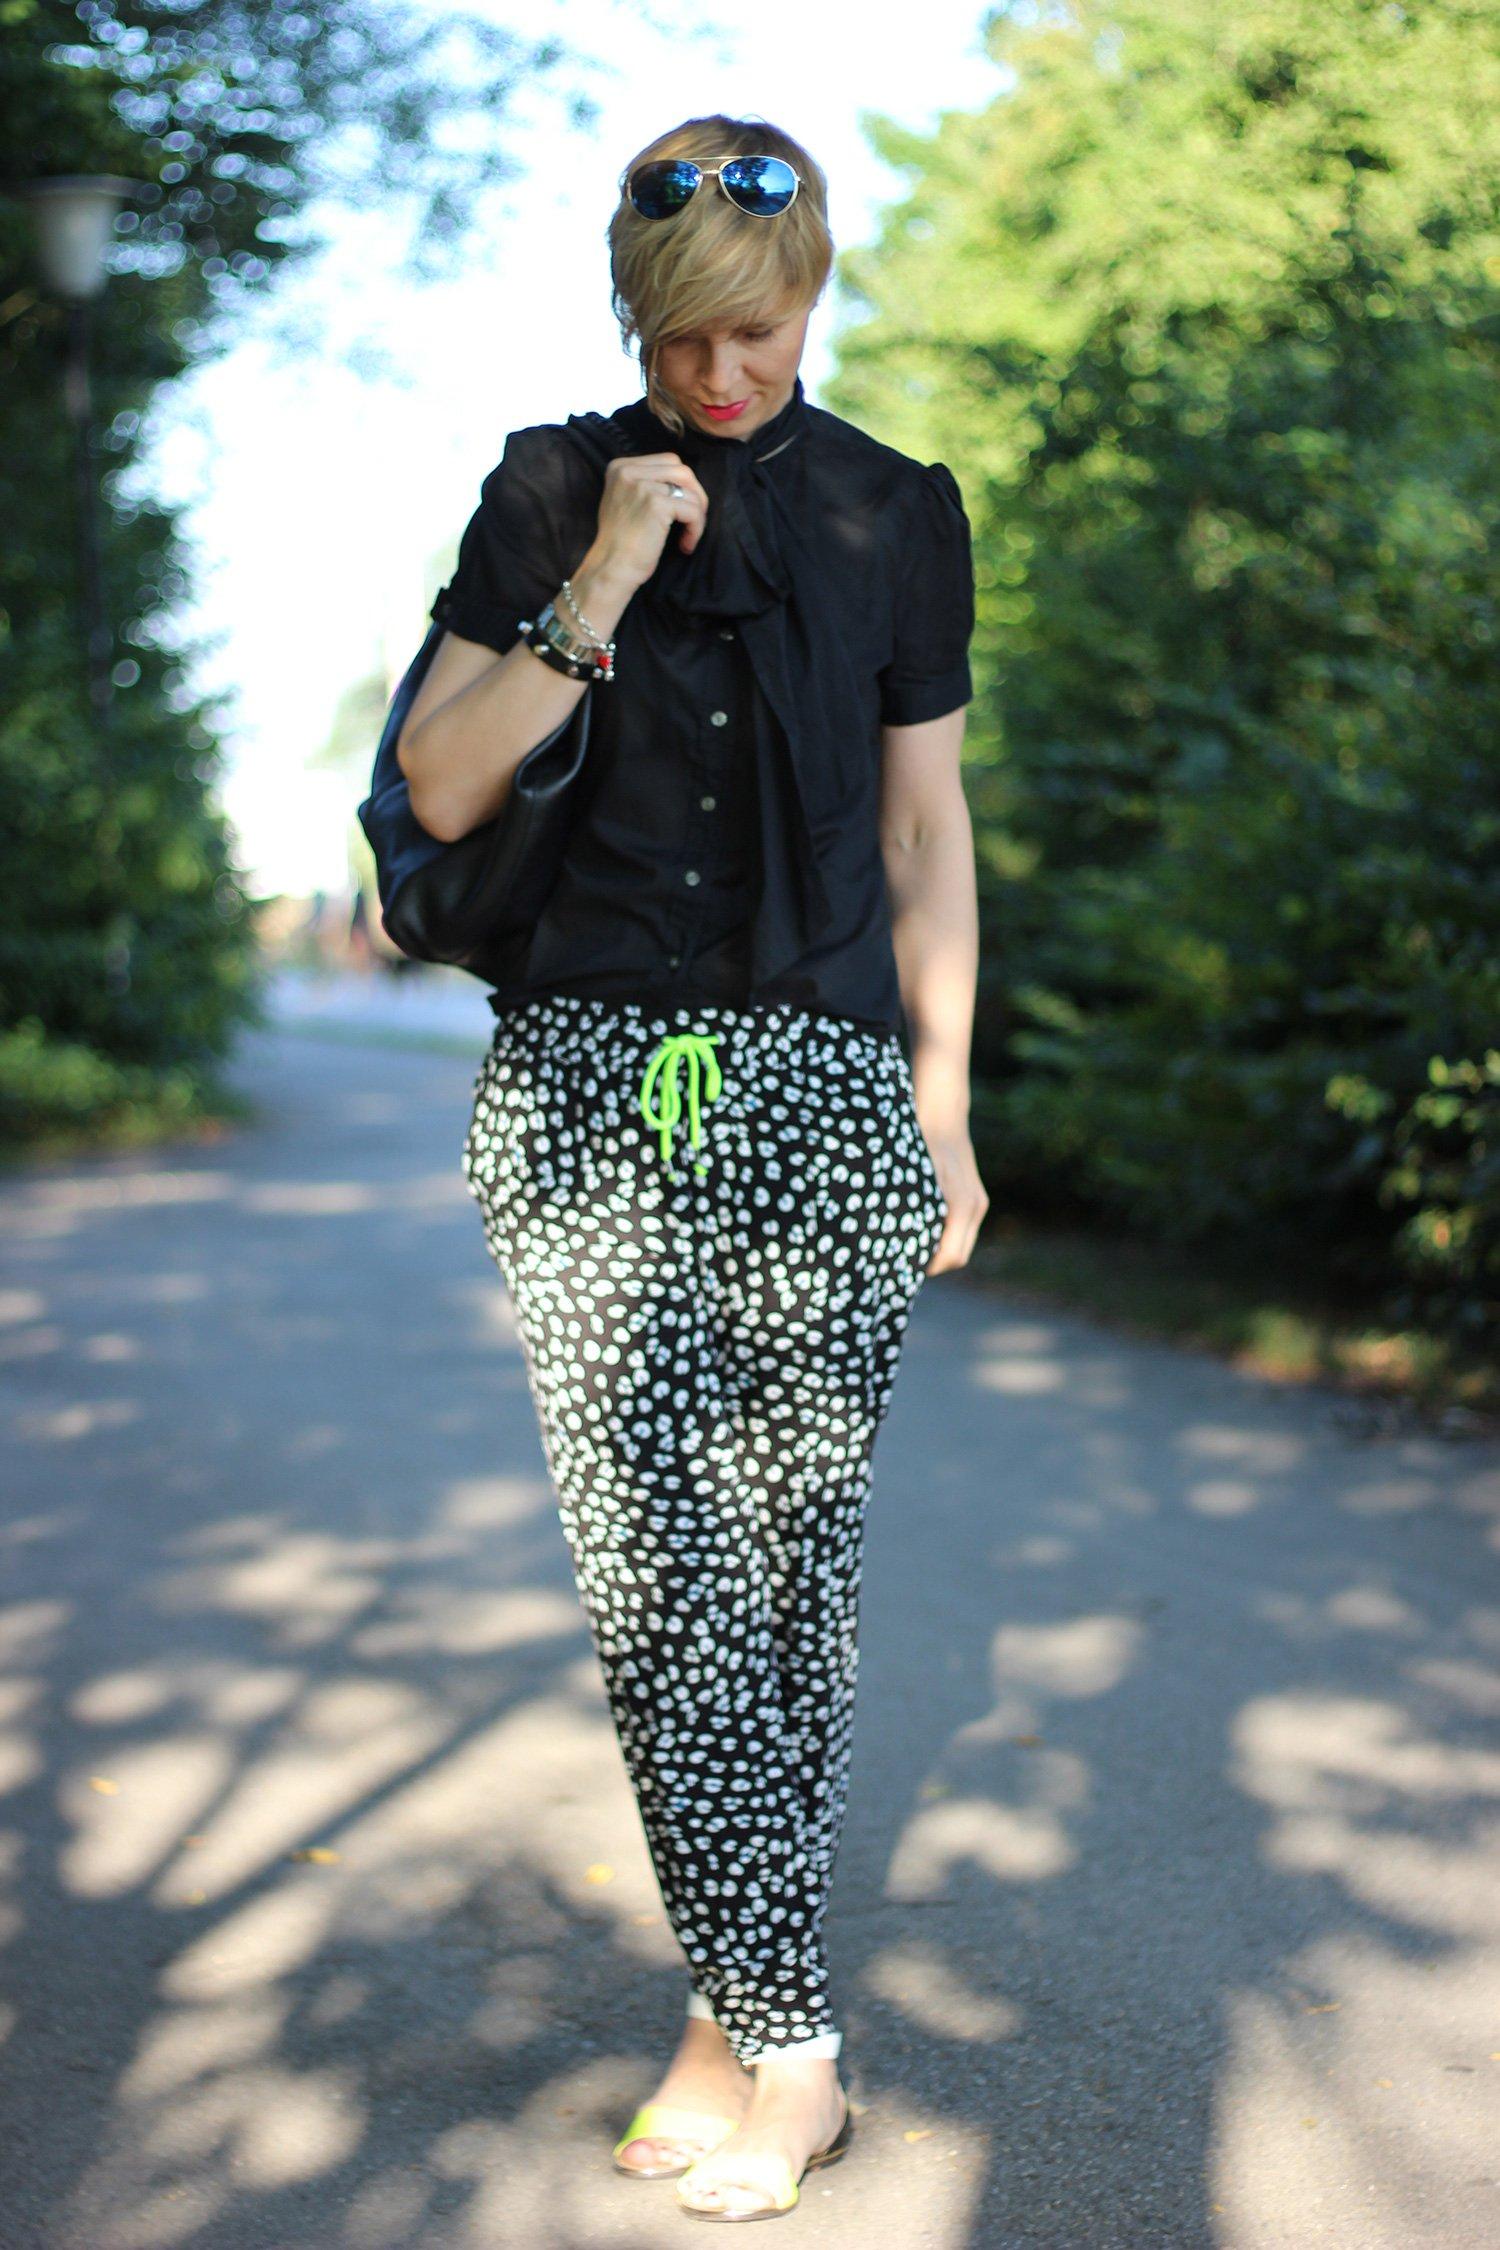 IMG_8993a_Oui_Hose_RalphLauren_flacheSandalen_Fashionblog_ü40blog_Conny_AHemadundaHos_Schluppenbluse